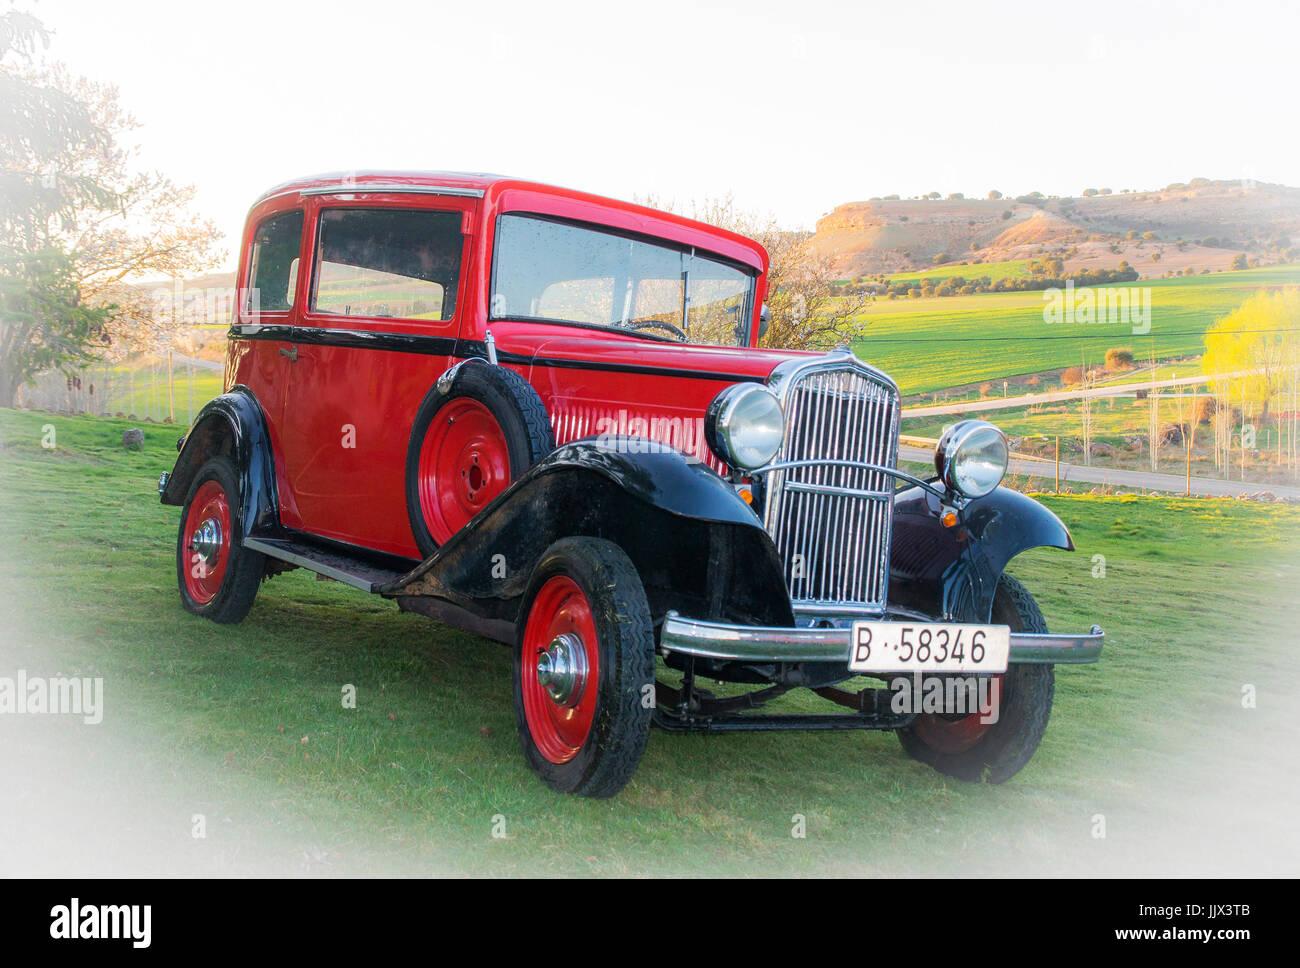 Fiat Balilla. Coche antiguo clásico rojo. - Stock Image